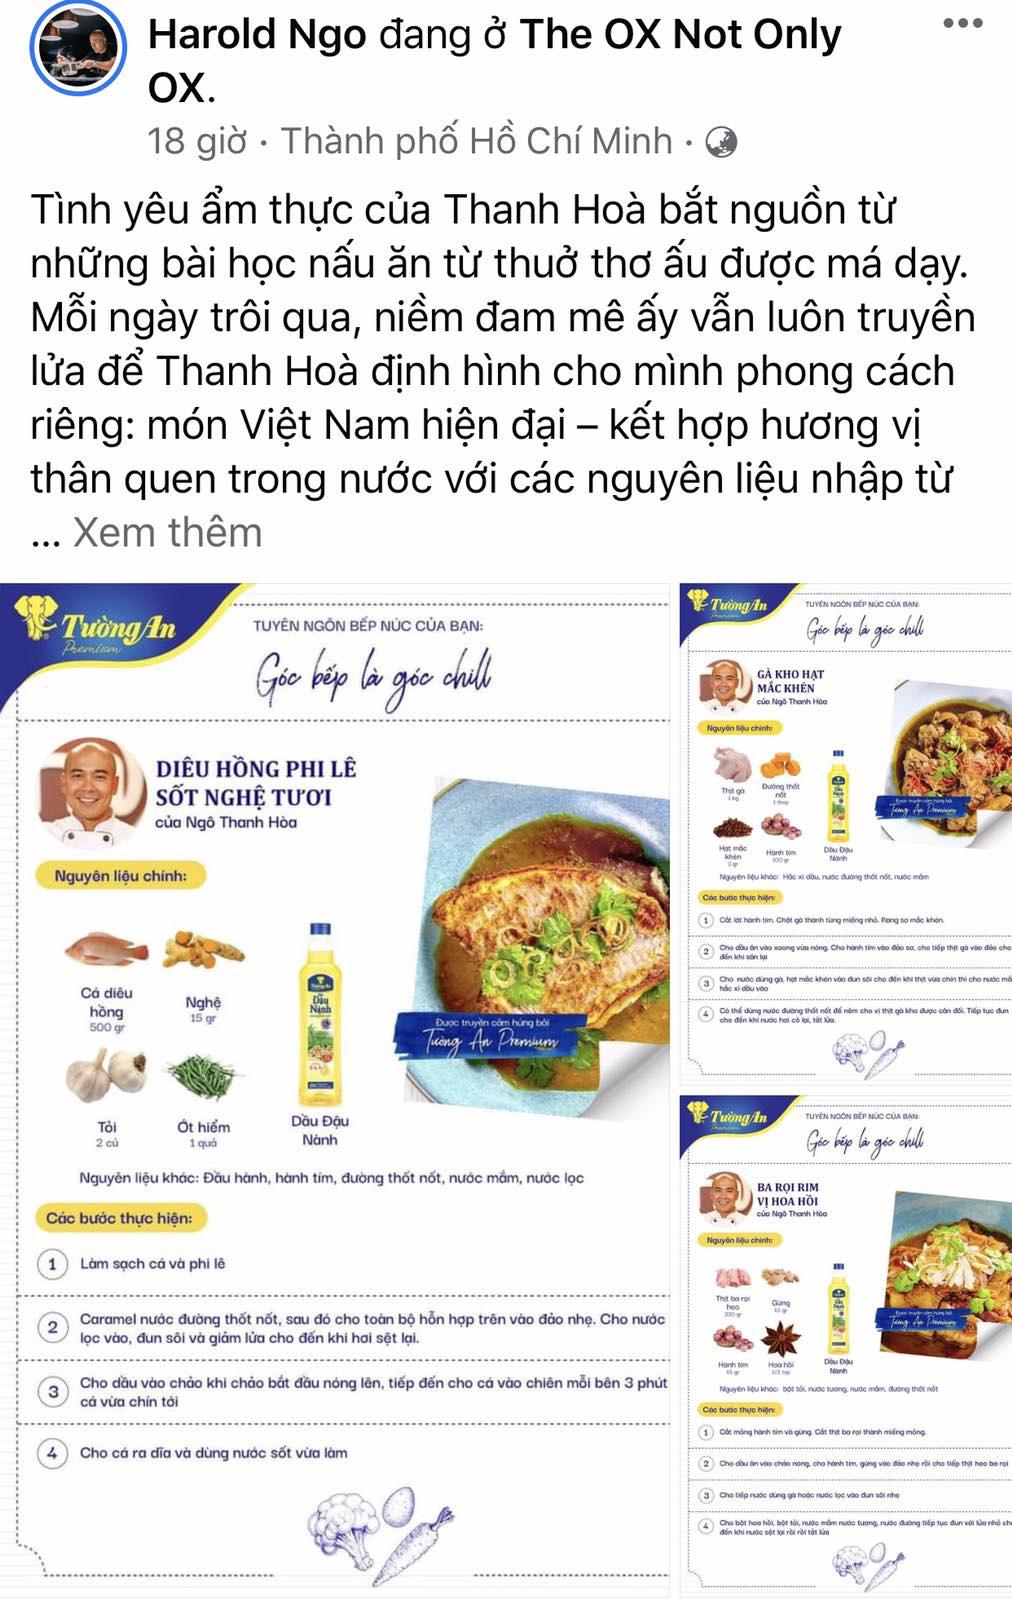 """Hội yêu bếp bắt """"trend"""" so tài sáng tạo công thức của riêng mình cùng Masterchef Việt Nam Ngô Thanh Hoà - Ảnh 1."""